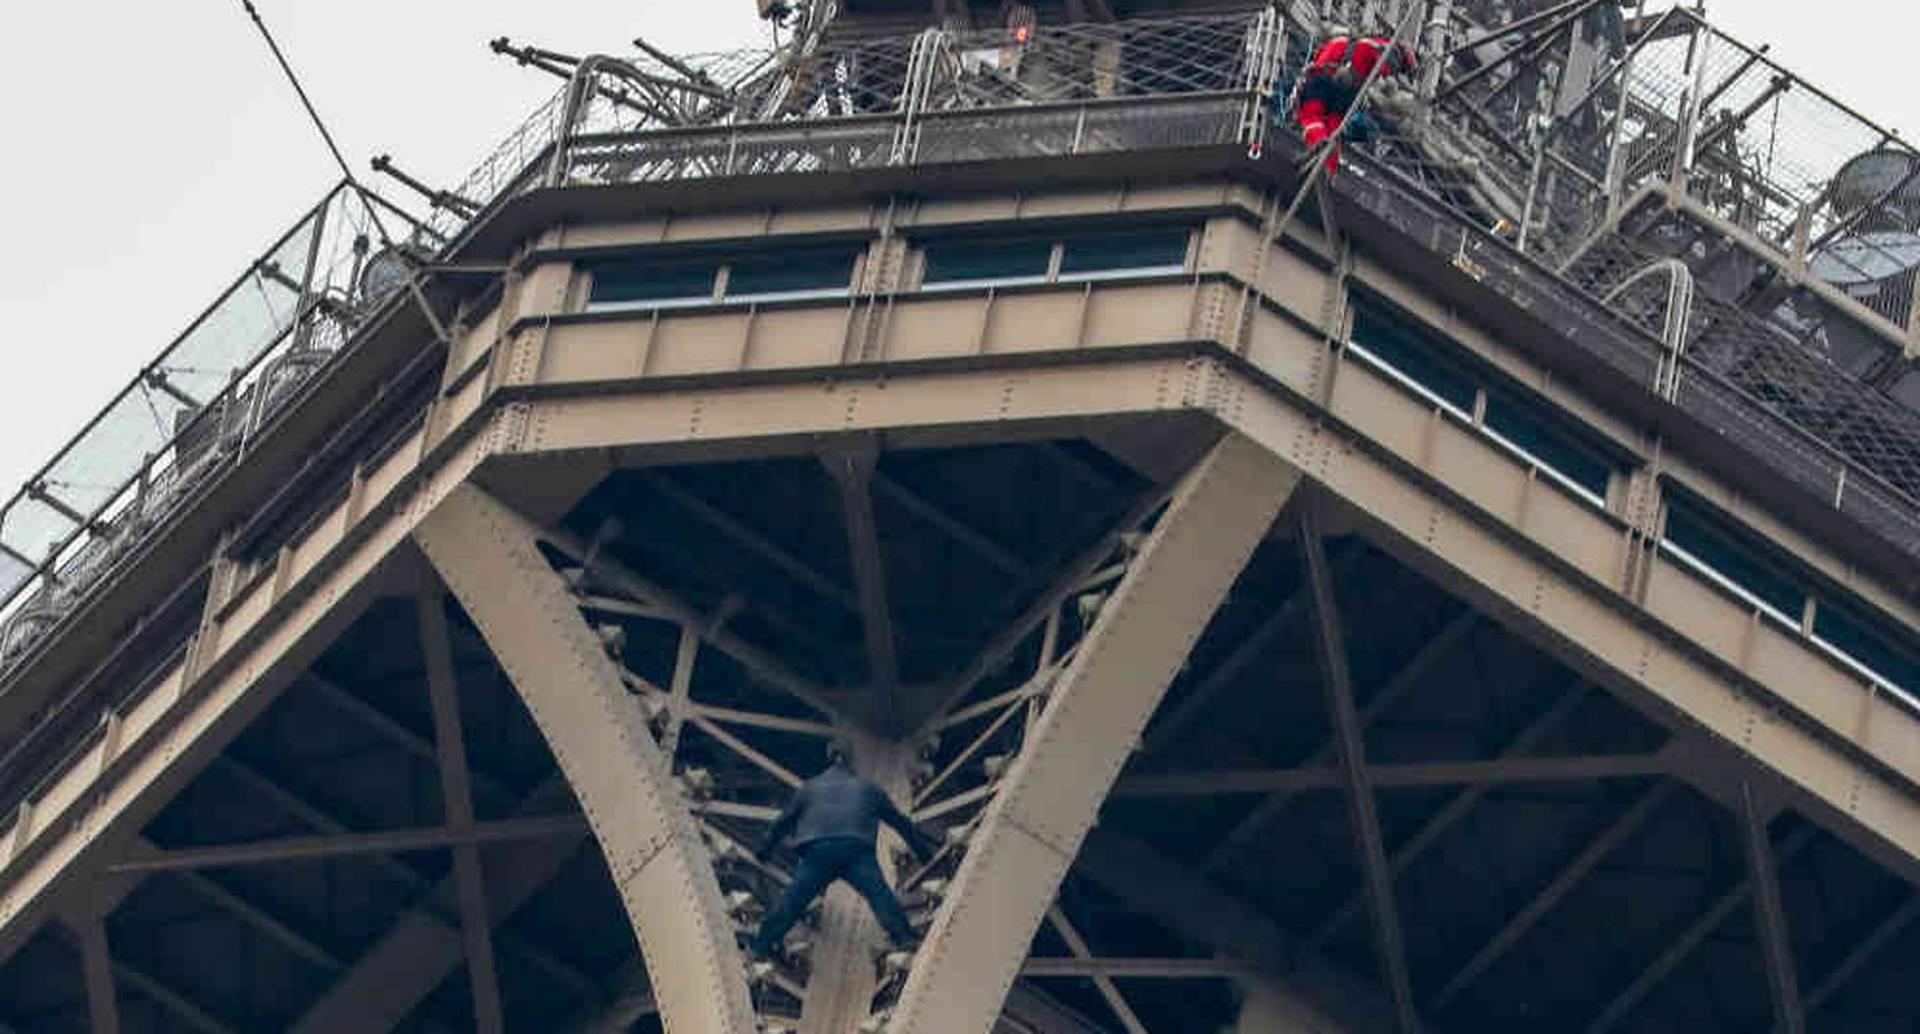 Se desconocen los motivos del hombre para encaramarse al monumento. Foto: AFP